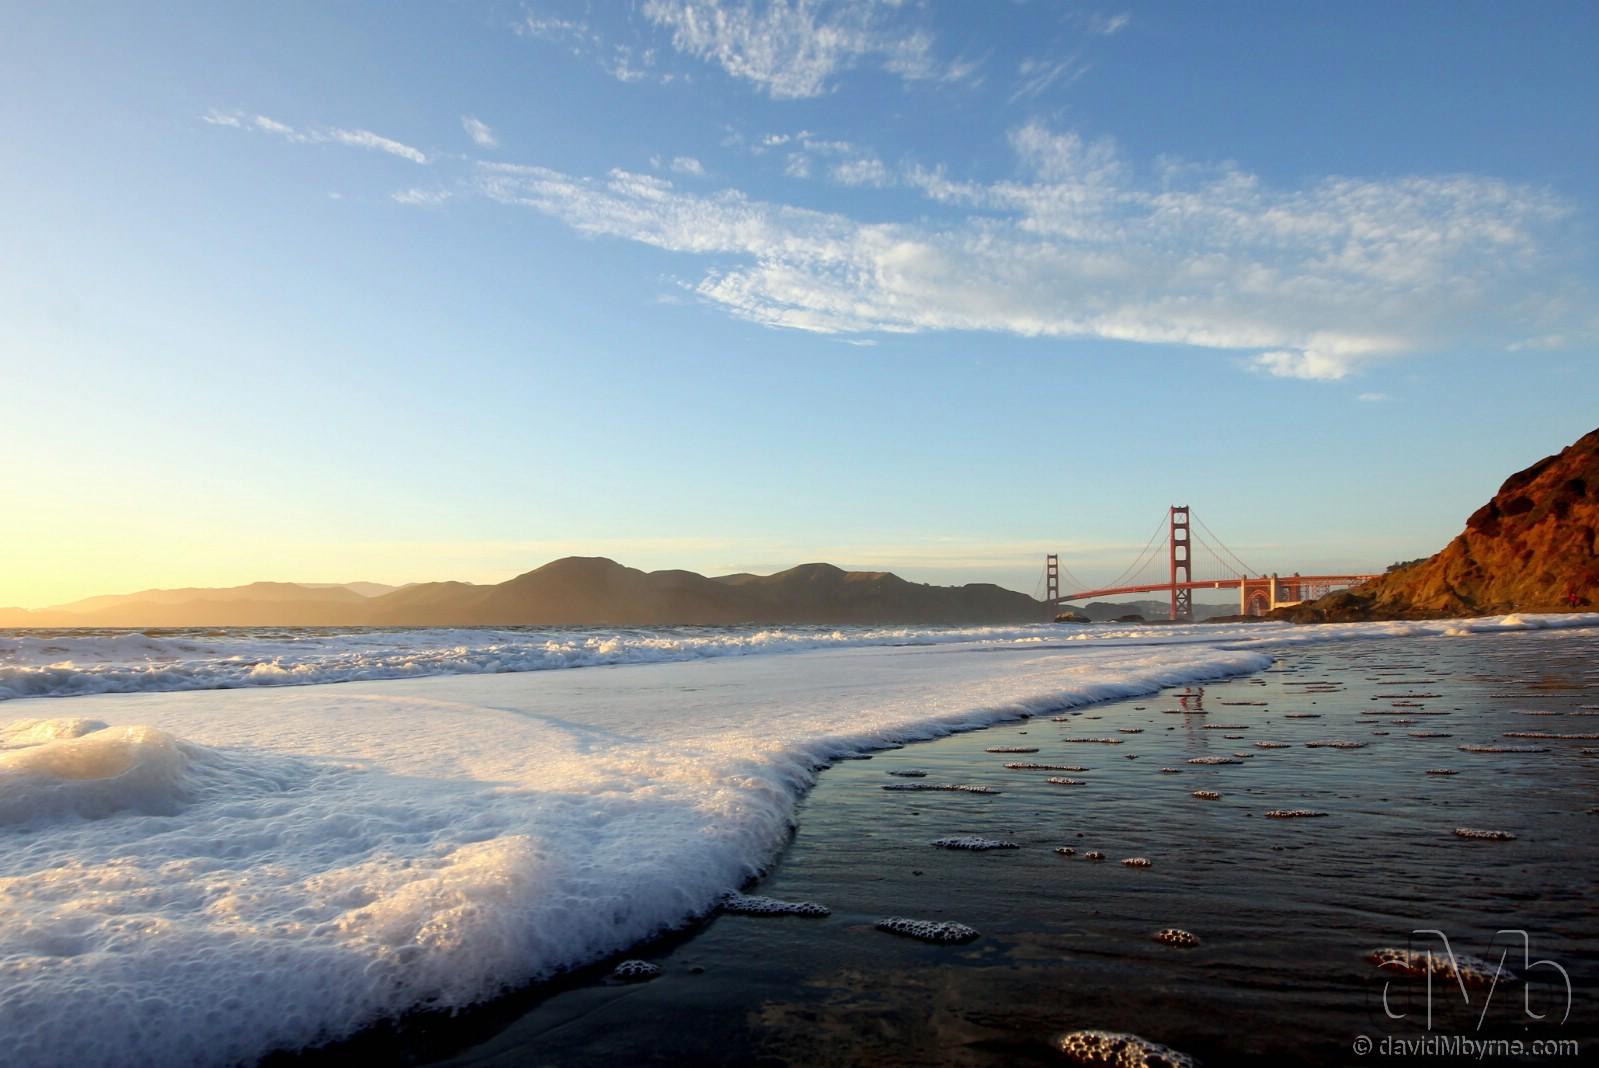 Baker Beach, San Francisco, California, USA. April 10th, 2013.